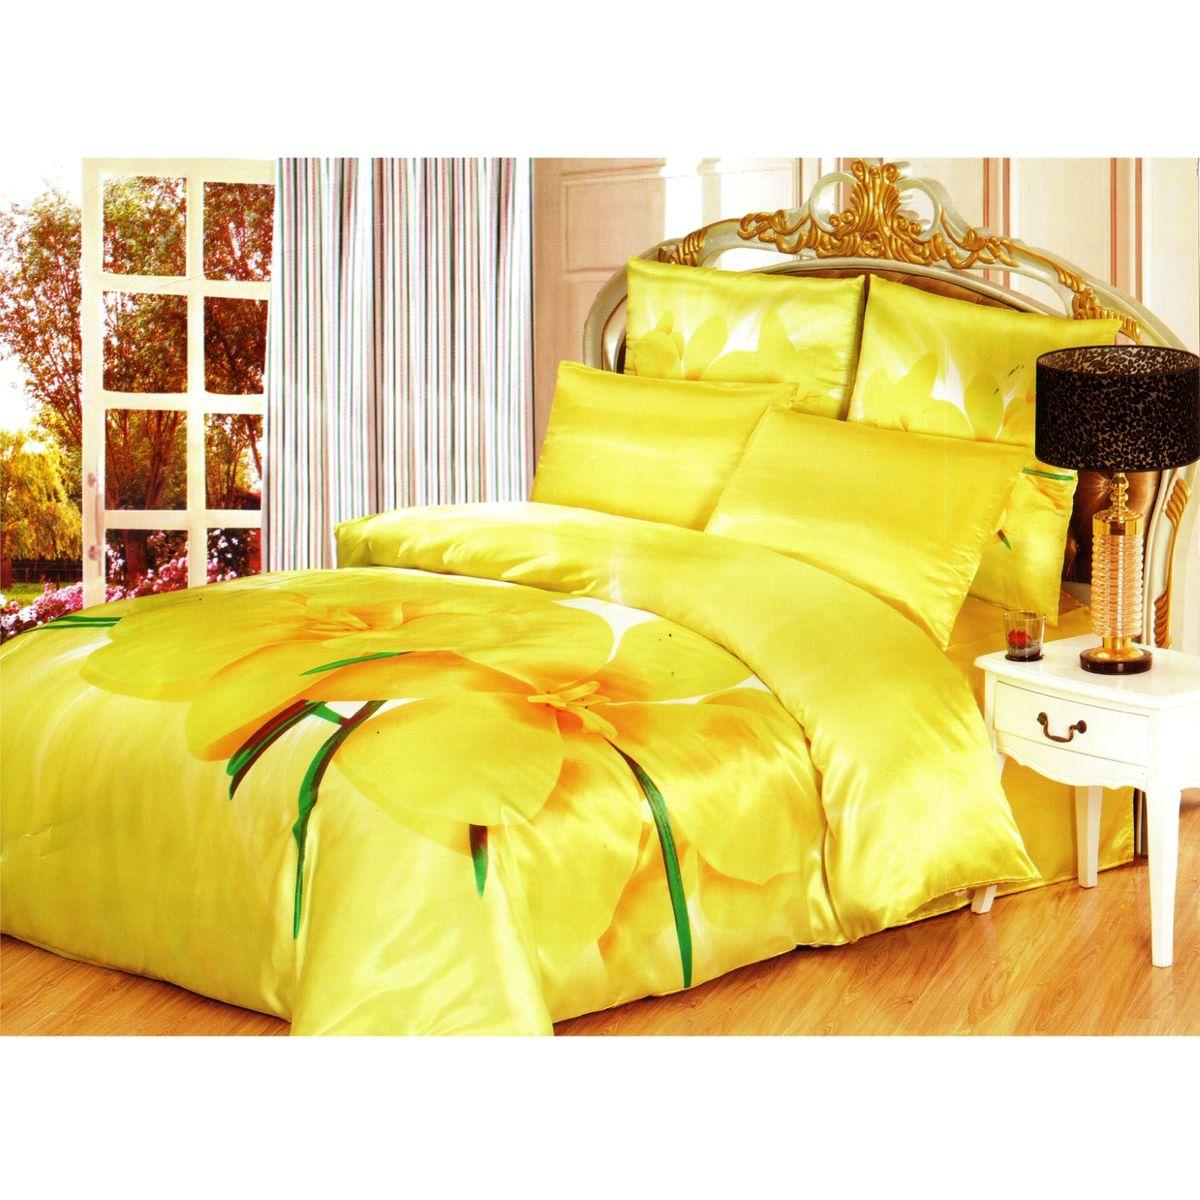 Комплект белья Этель Нарцисс, 2-спальный, наволочки 70x70, 50х70, цвет: желтый, оранжевый, зеленый171636Комплект постельного белья Этель Нарцисс состоит из пододеяльника на молнии, простыни и четырех наволочек. Удивительной красоты рисунок, нанесенный на белье, сочетает в себе нежность и теплоту. Постельное белье Этель Нарцисс создано для романтичных натур, которые любят изысканный дизайн. Белье изготовлено из искусственного шелка, отвечающего всем необходимым нормативным стандартам. Шелковая ткань очень прочная и мягкая, ее особая структура делает пребывание в постели комфортным. Неоспоримым плюсом белья из такой ткани является легкость, оно не мнется и отлично впитывает влагу, обеспечивает хорошую циркуляцию воздуха. Ткань устойчива к воздействию света (не выцветает и не линяет), сохраняя первозданную яркость красок. При соблюдении рекомендаций по уходу белье выдерживает много стирок, не теряет свою прочность. Уникальная ткань обеспечивает легкую глажку. Приобретая комплект постельного белья Этель Нарцисс, вы можете быть ...